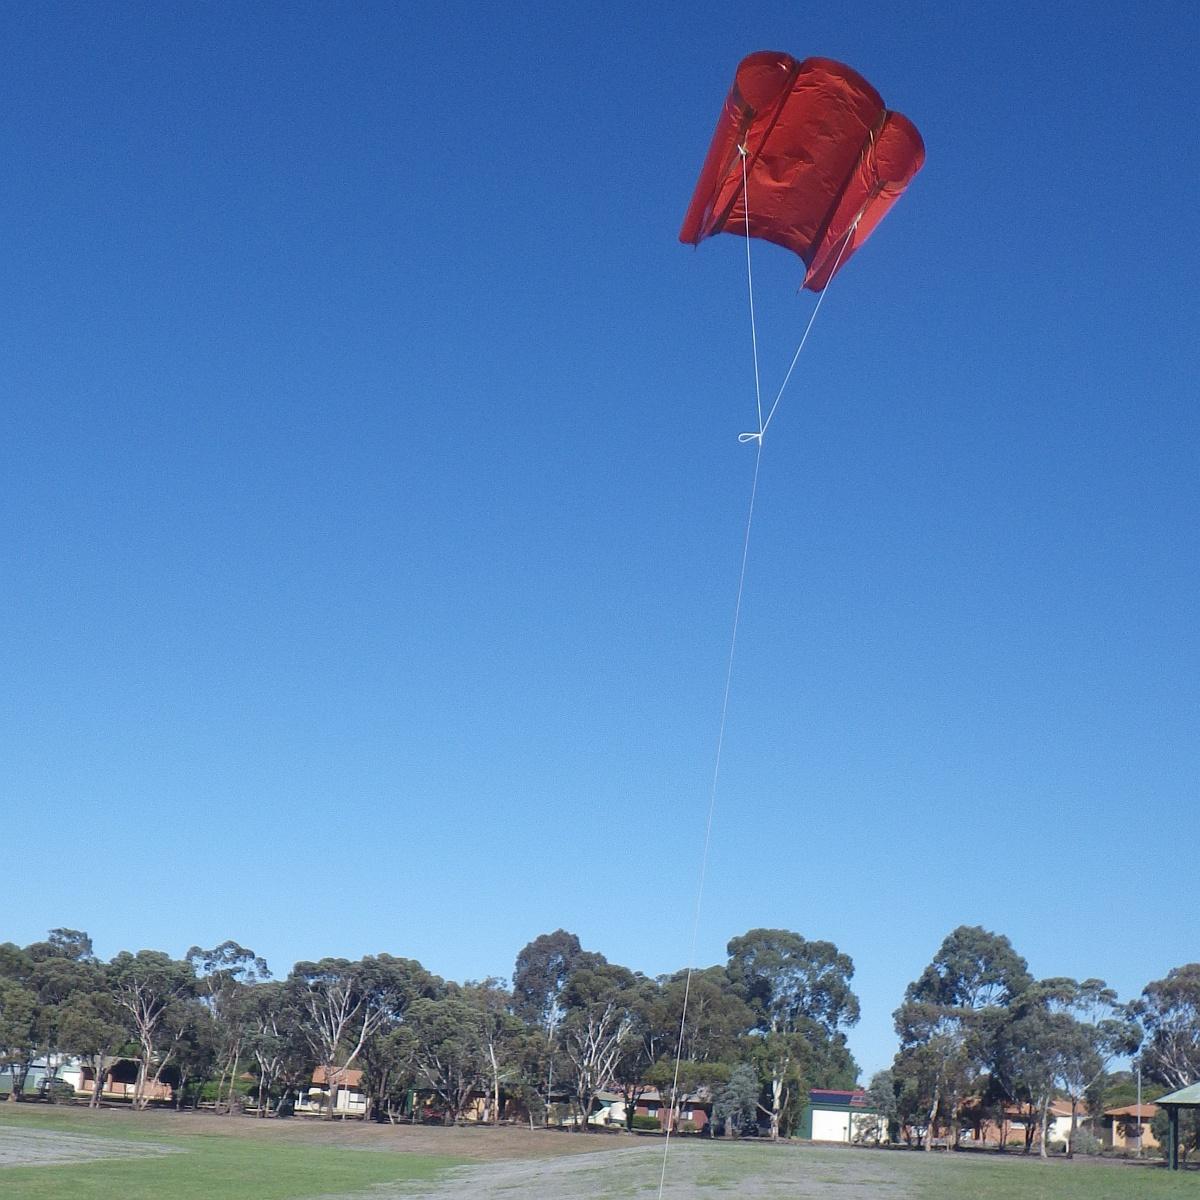 MBK Soft Sled kite 1 - 1.